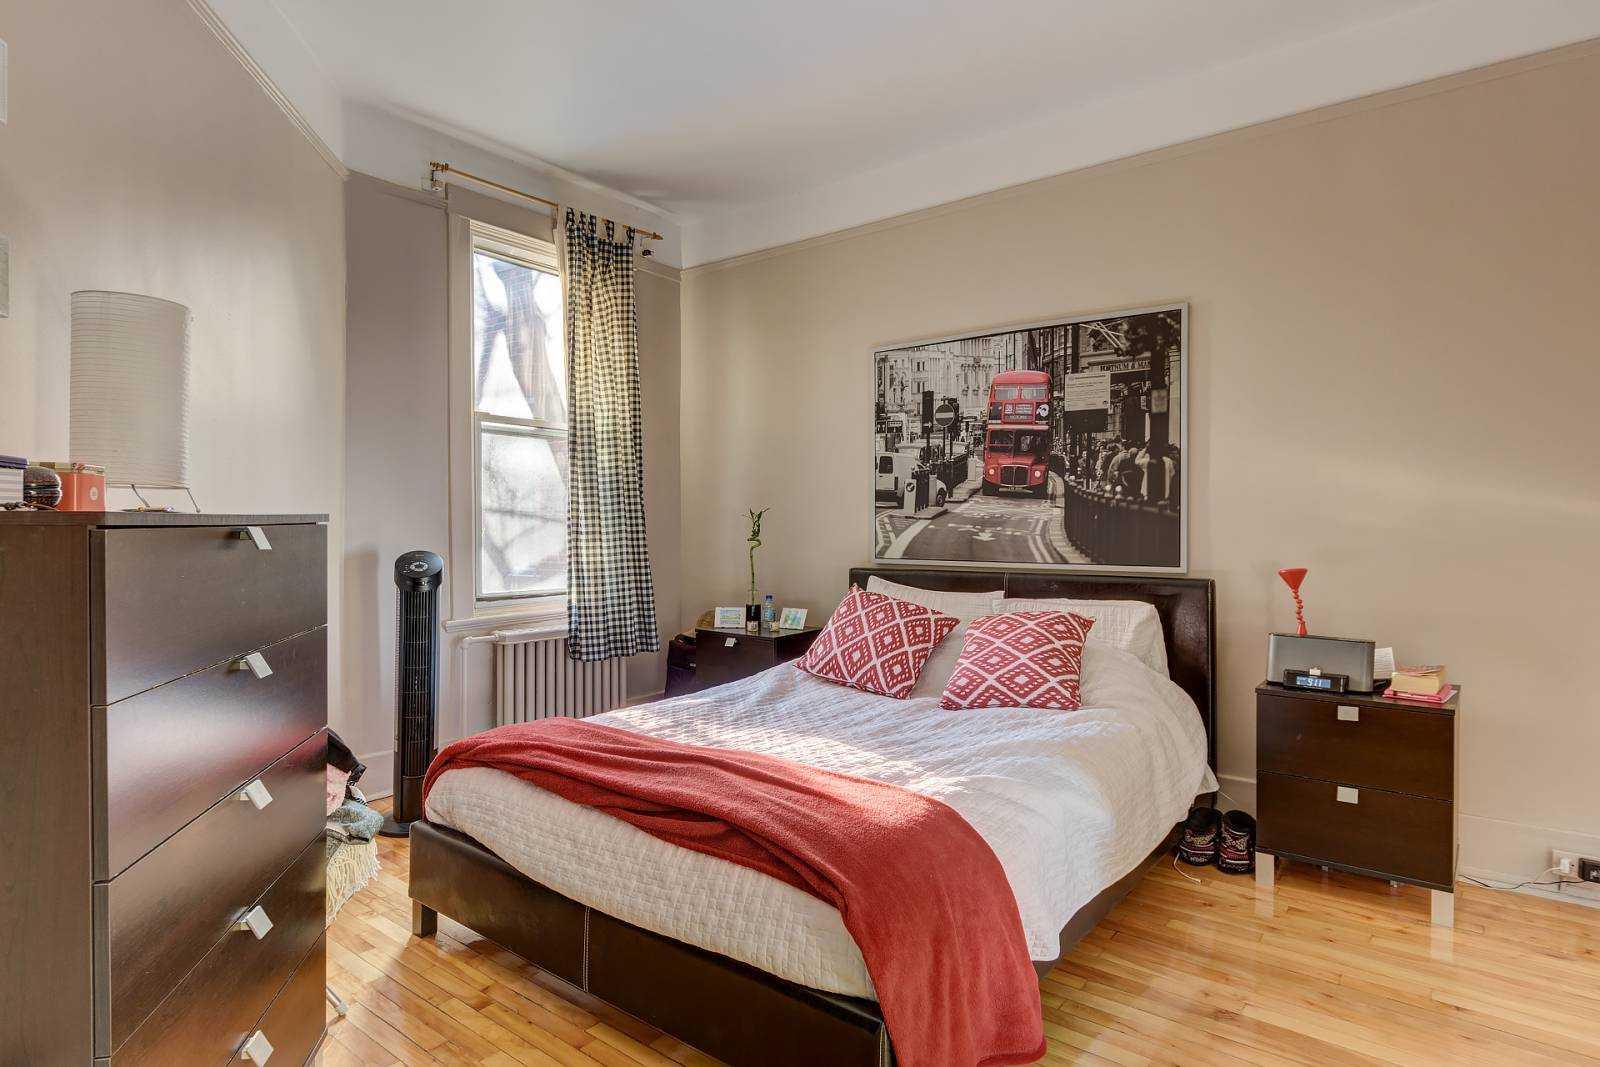 rooms-to-rent-mtl-02